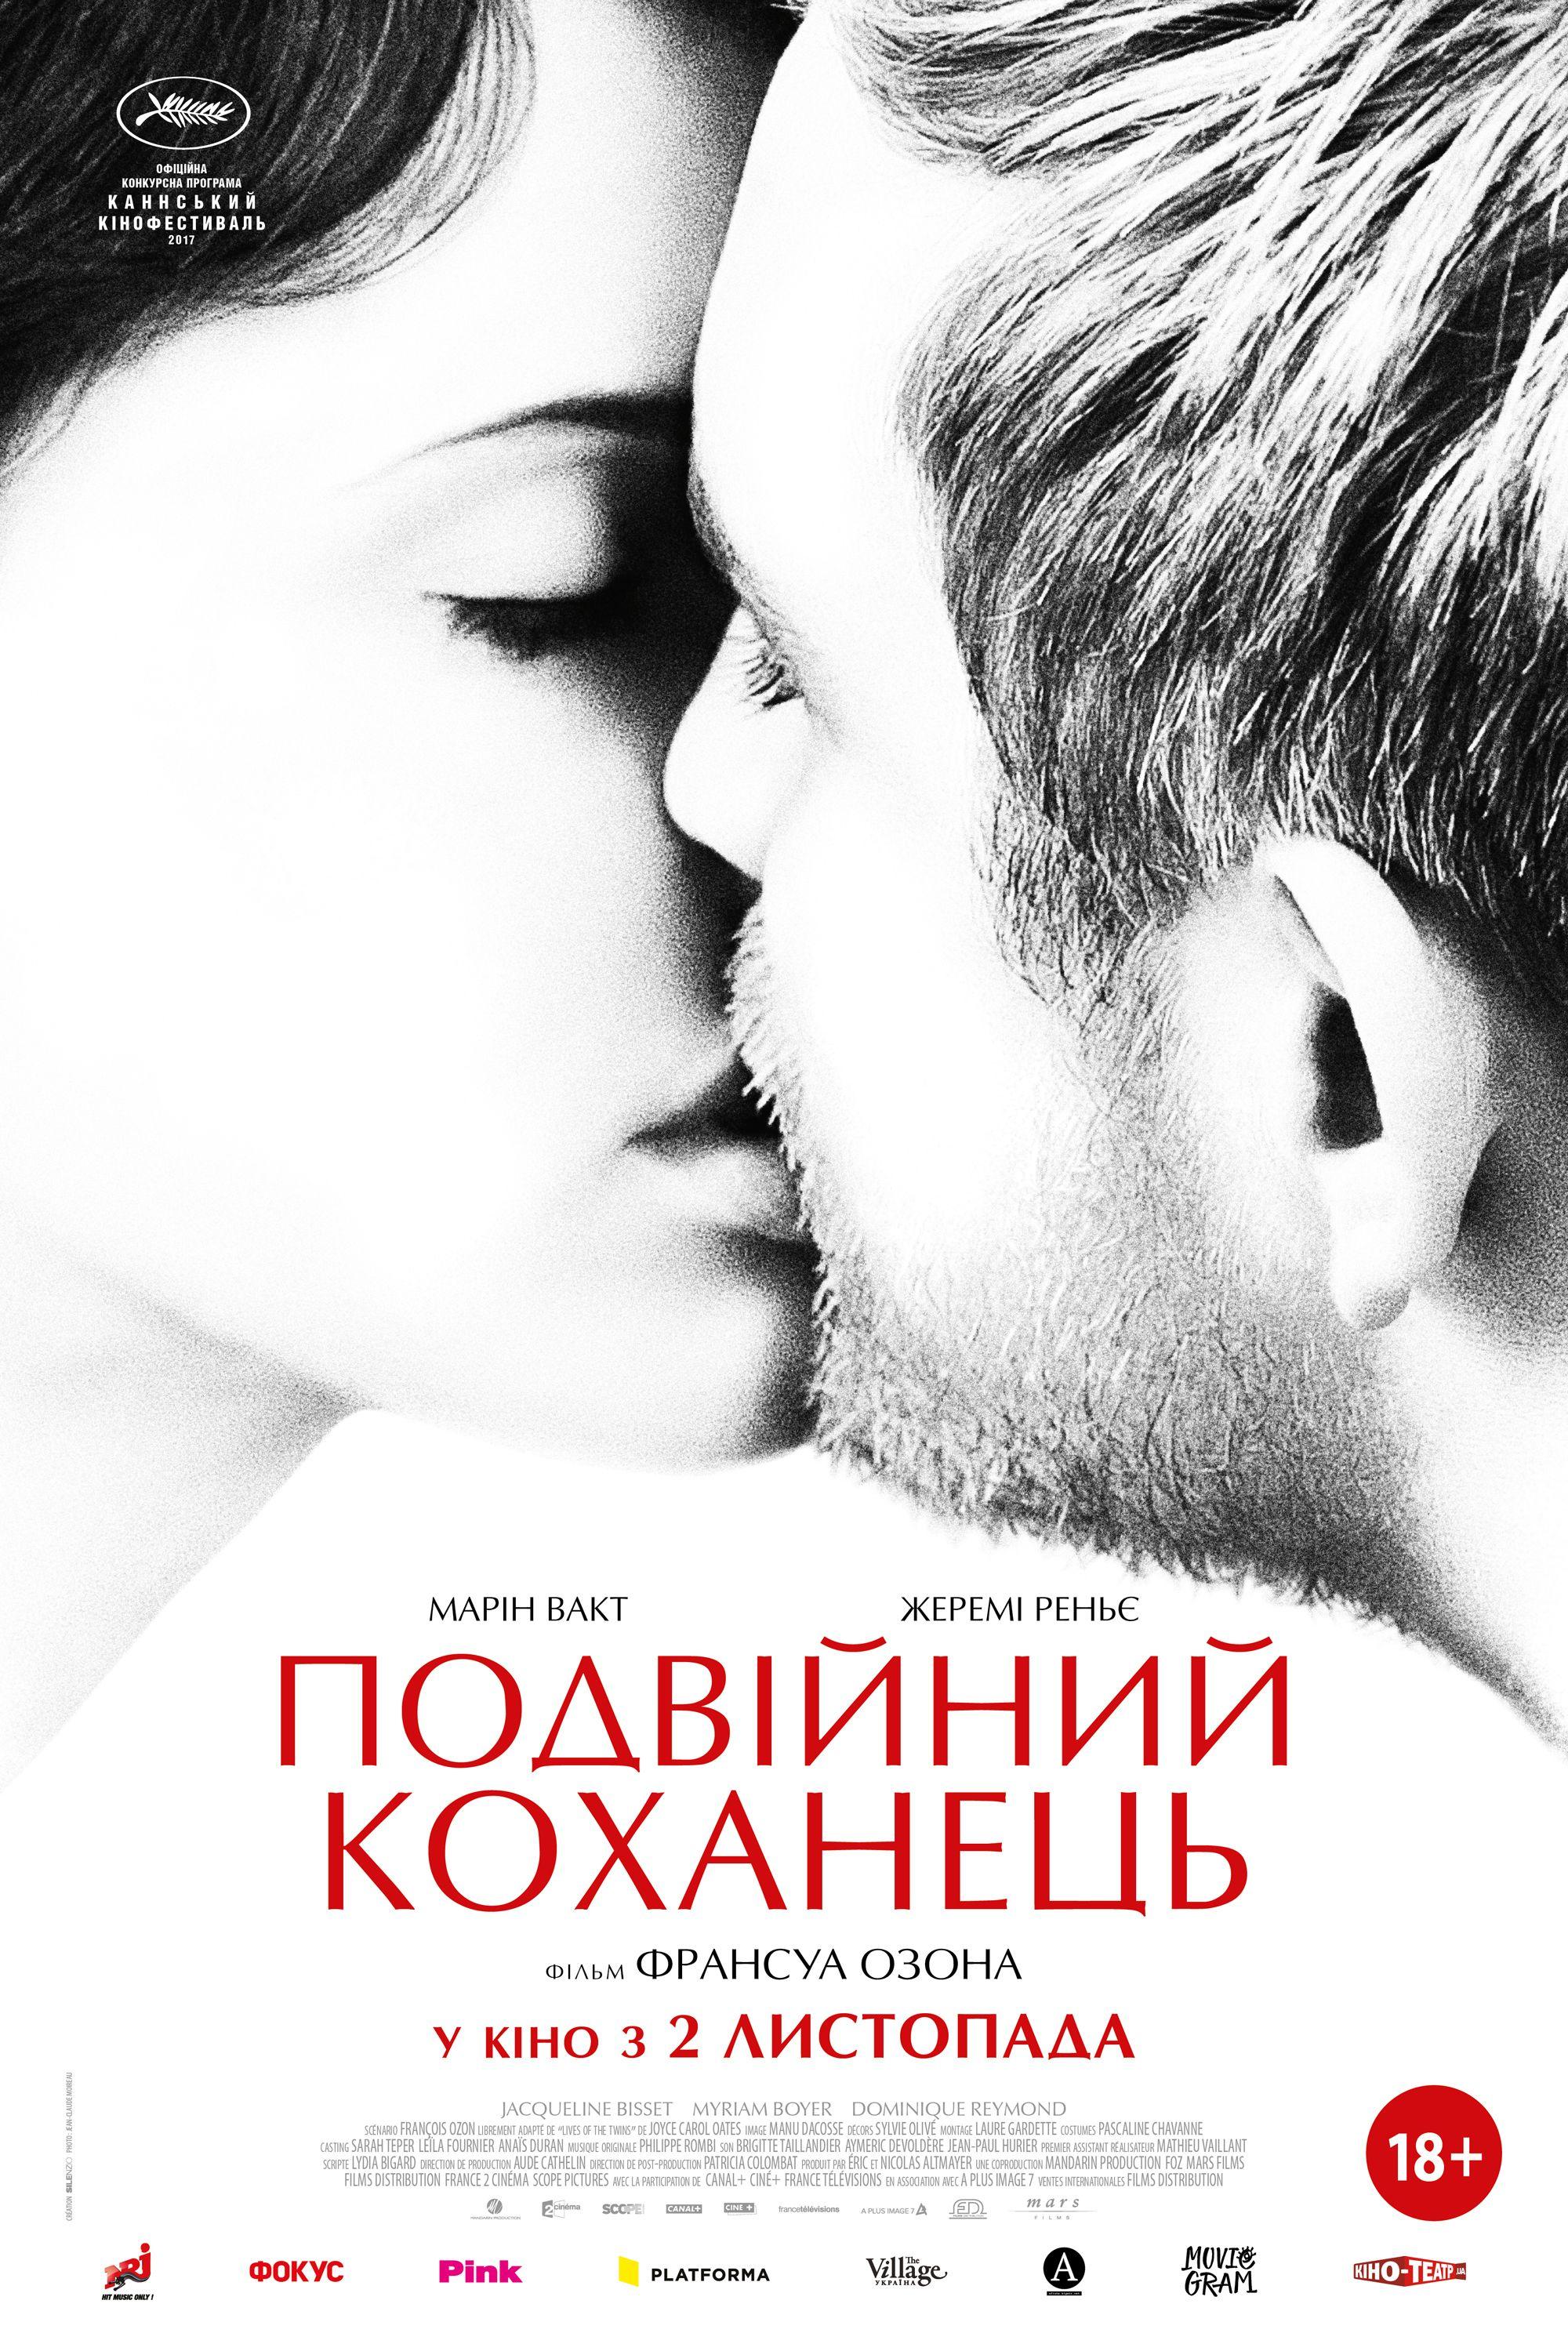 smotret-onlayn-filmi-v-horoshem-kachestve-eroticheskiy-film-skandal-samaya-populyarnaya-porno-igra-onlayn